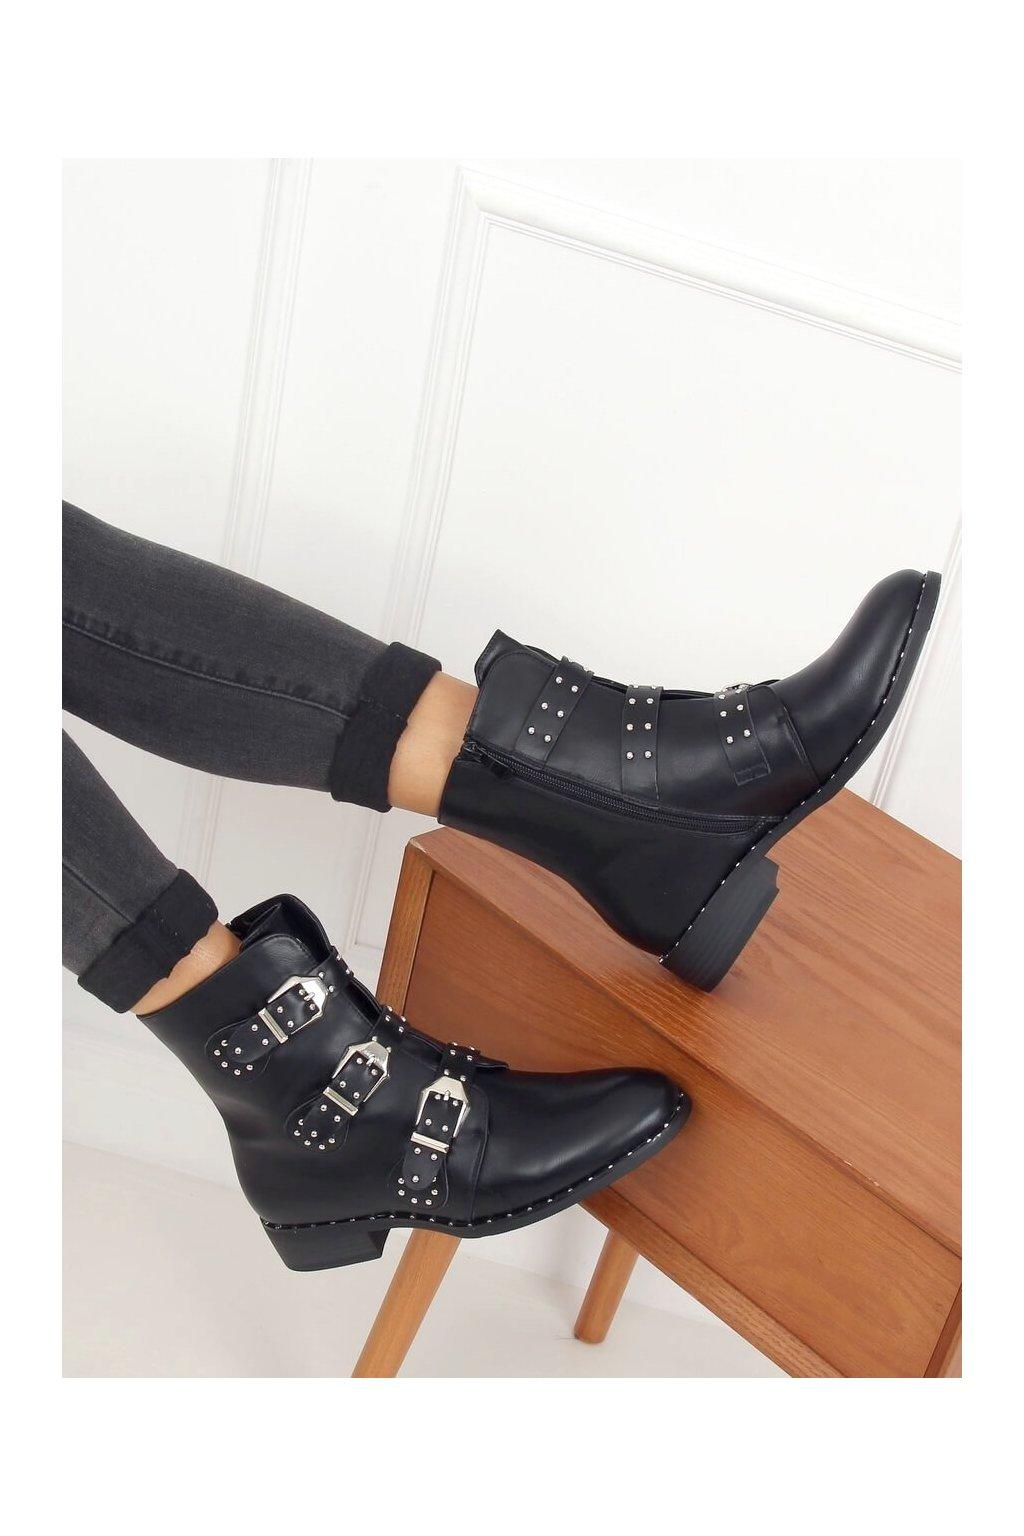 Dámske členkové topánky čierne na plochom podpätku HX502